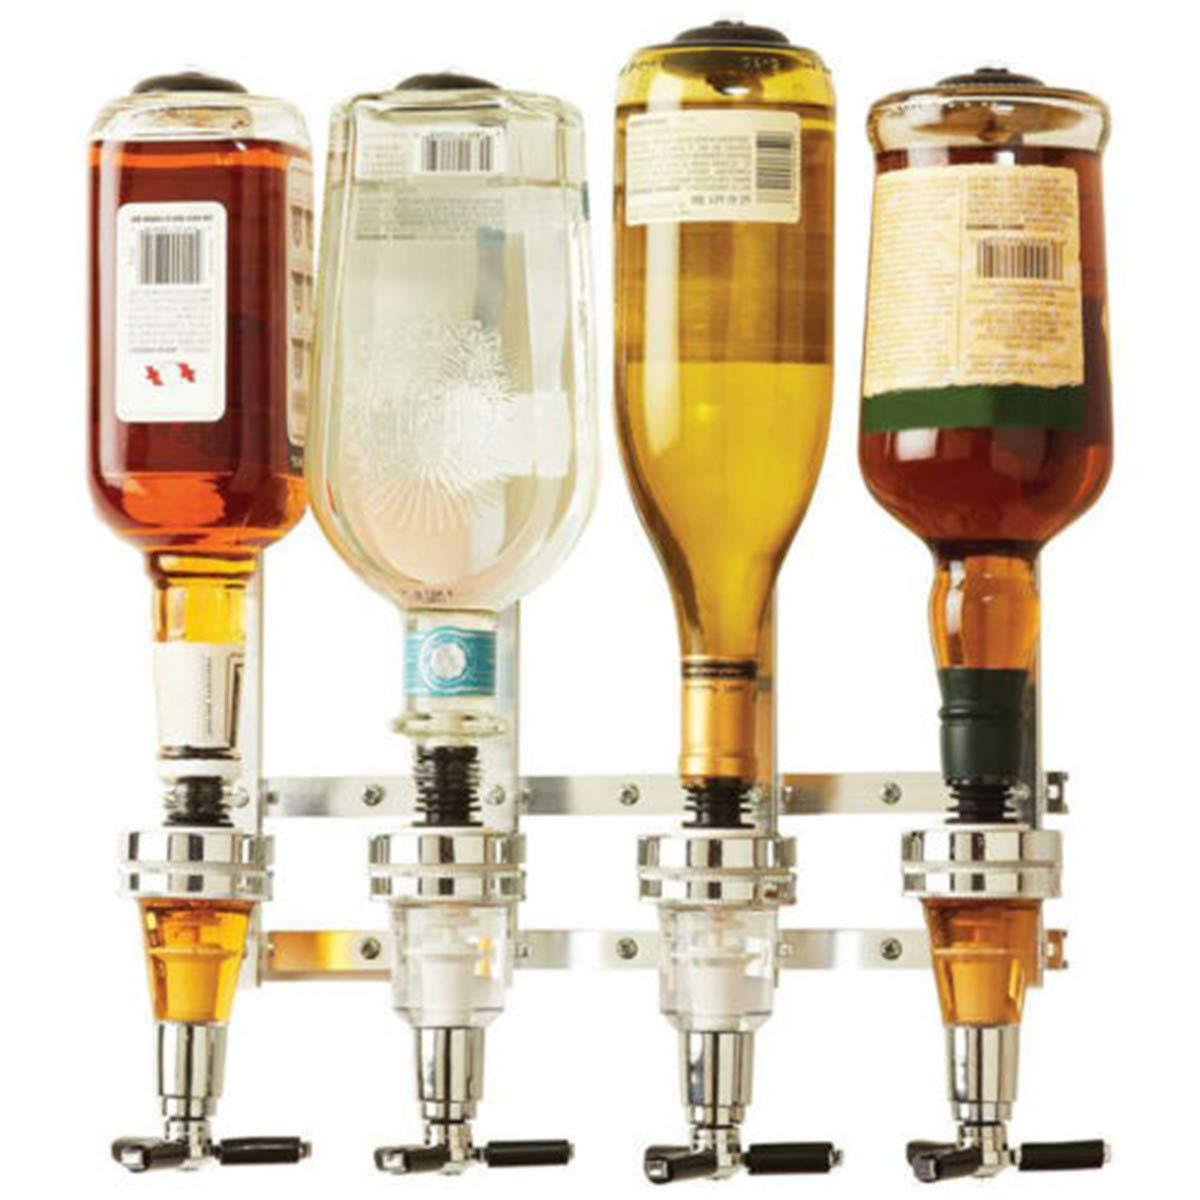 Compra Janolia - Dispensador de Bebidas montado en la Pared, Soporte de 4 Medidas para Botellas, Mantequilla para Bebidas alcohólicas - Vodka, Whisky, Rum, ...